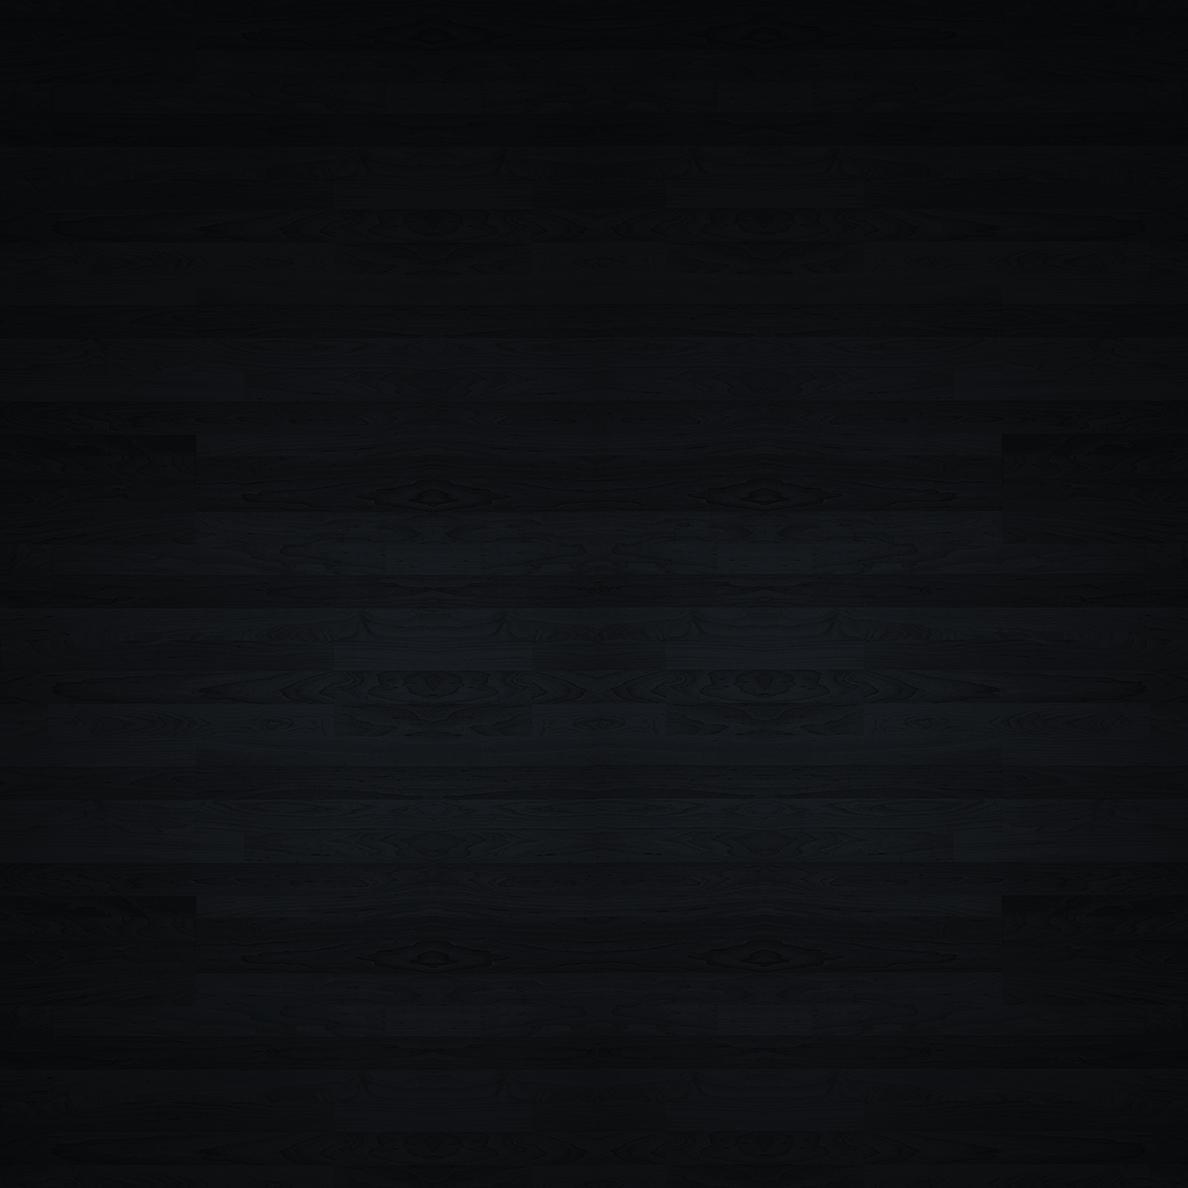 حصرياً :: ميجا مكس لاجمل ما غنت (( فيروز )) تحميل مباشر على اكثر من سيرفر Im2lgx